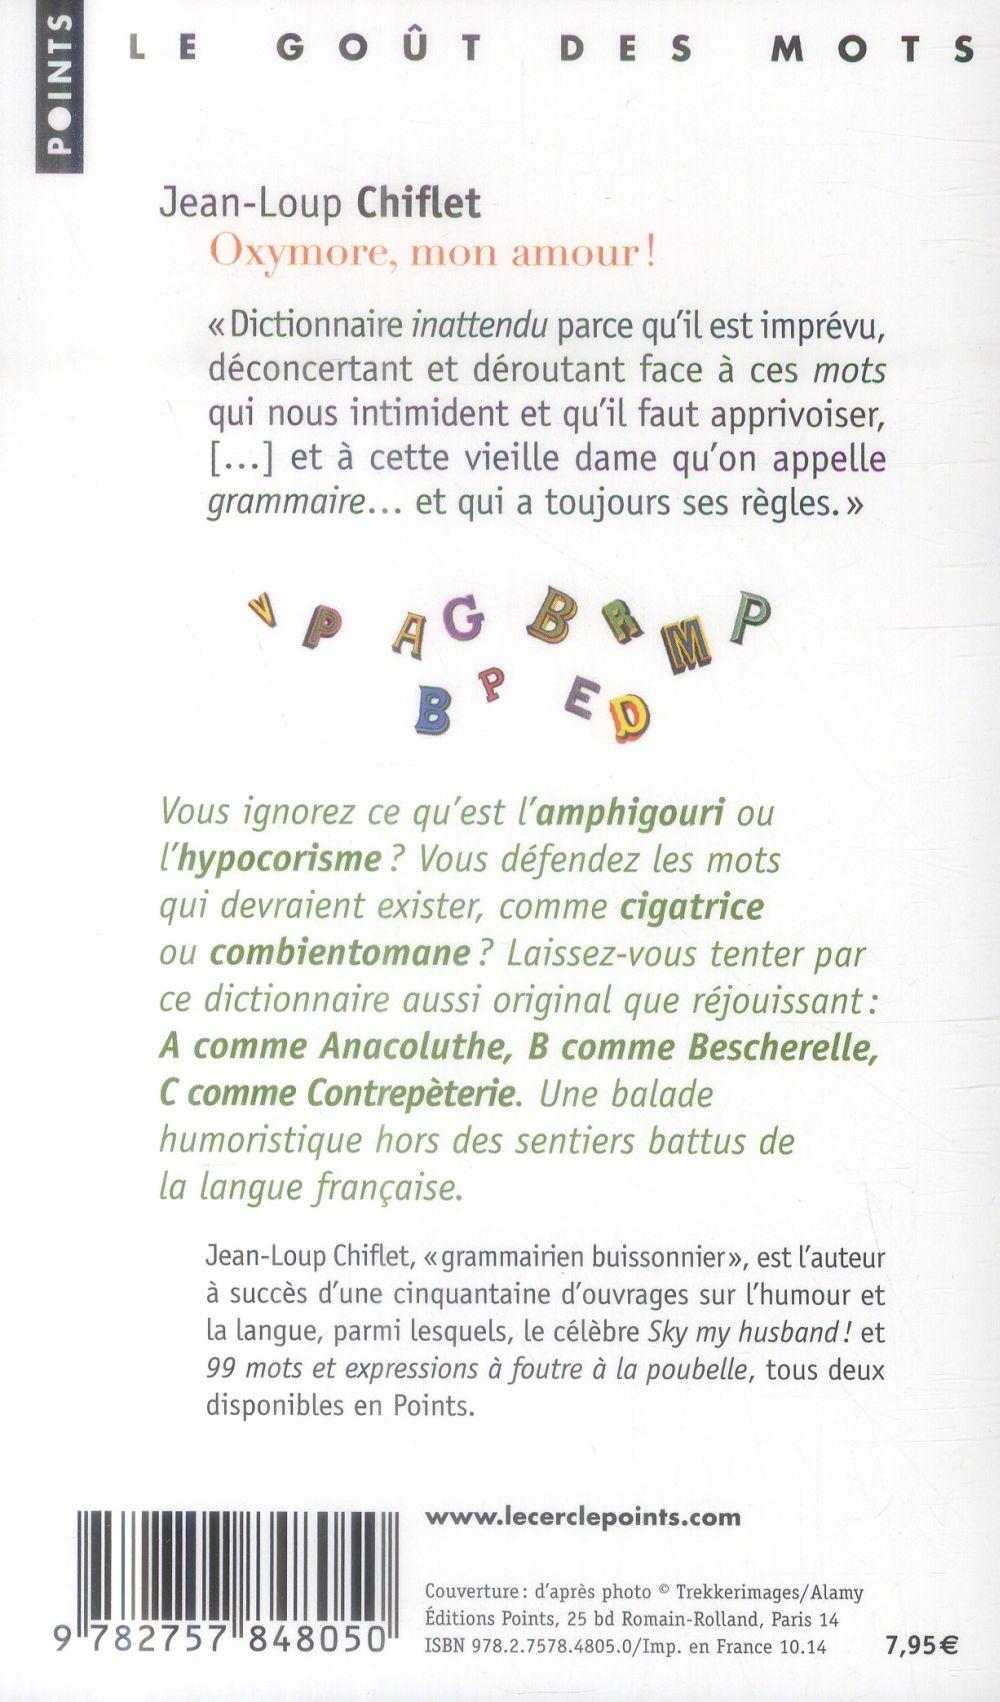 Oxymore, mon amour ! dictionnaire inattendu de la langue française